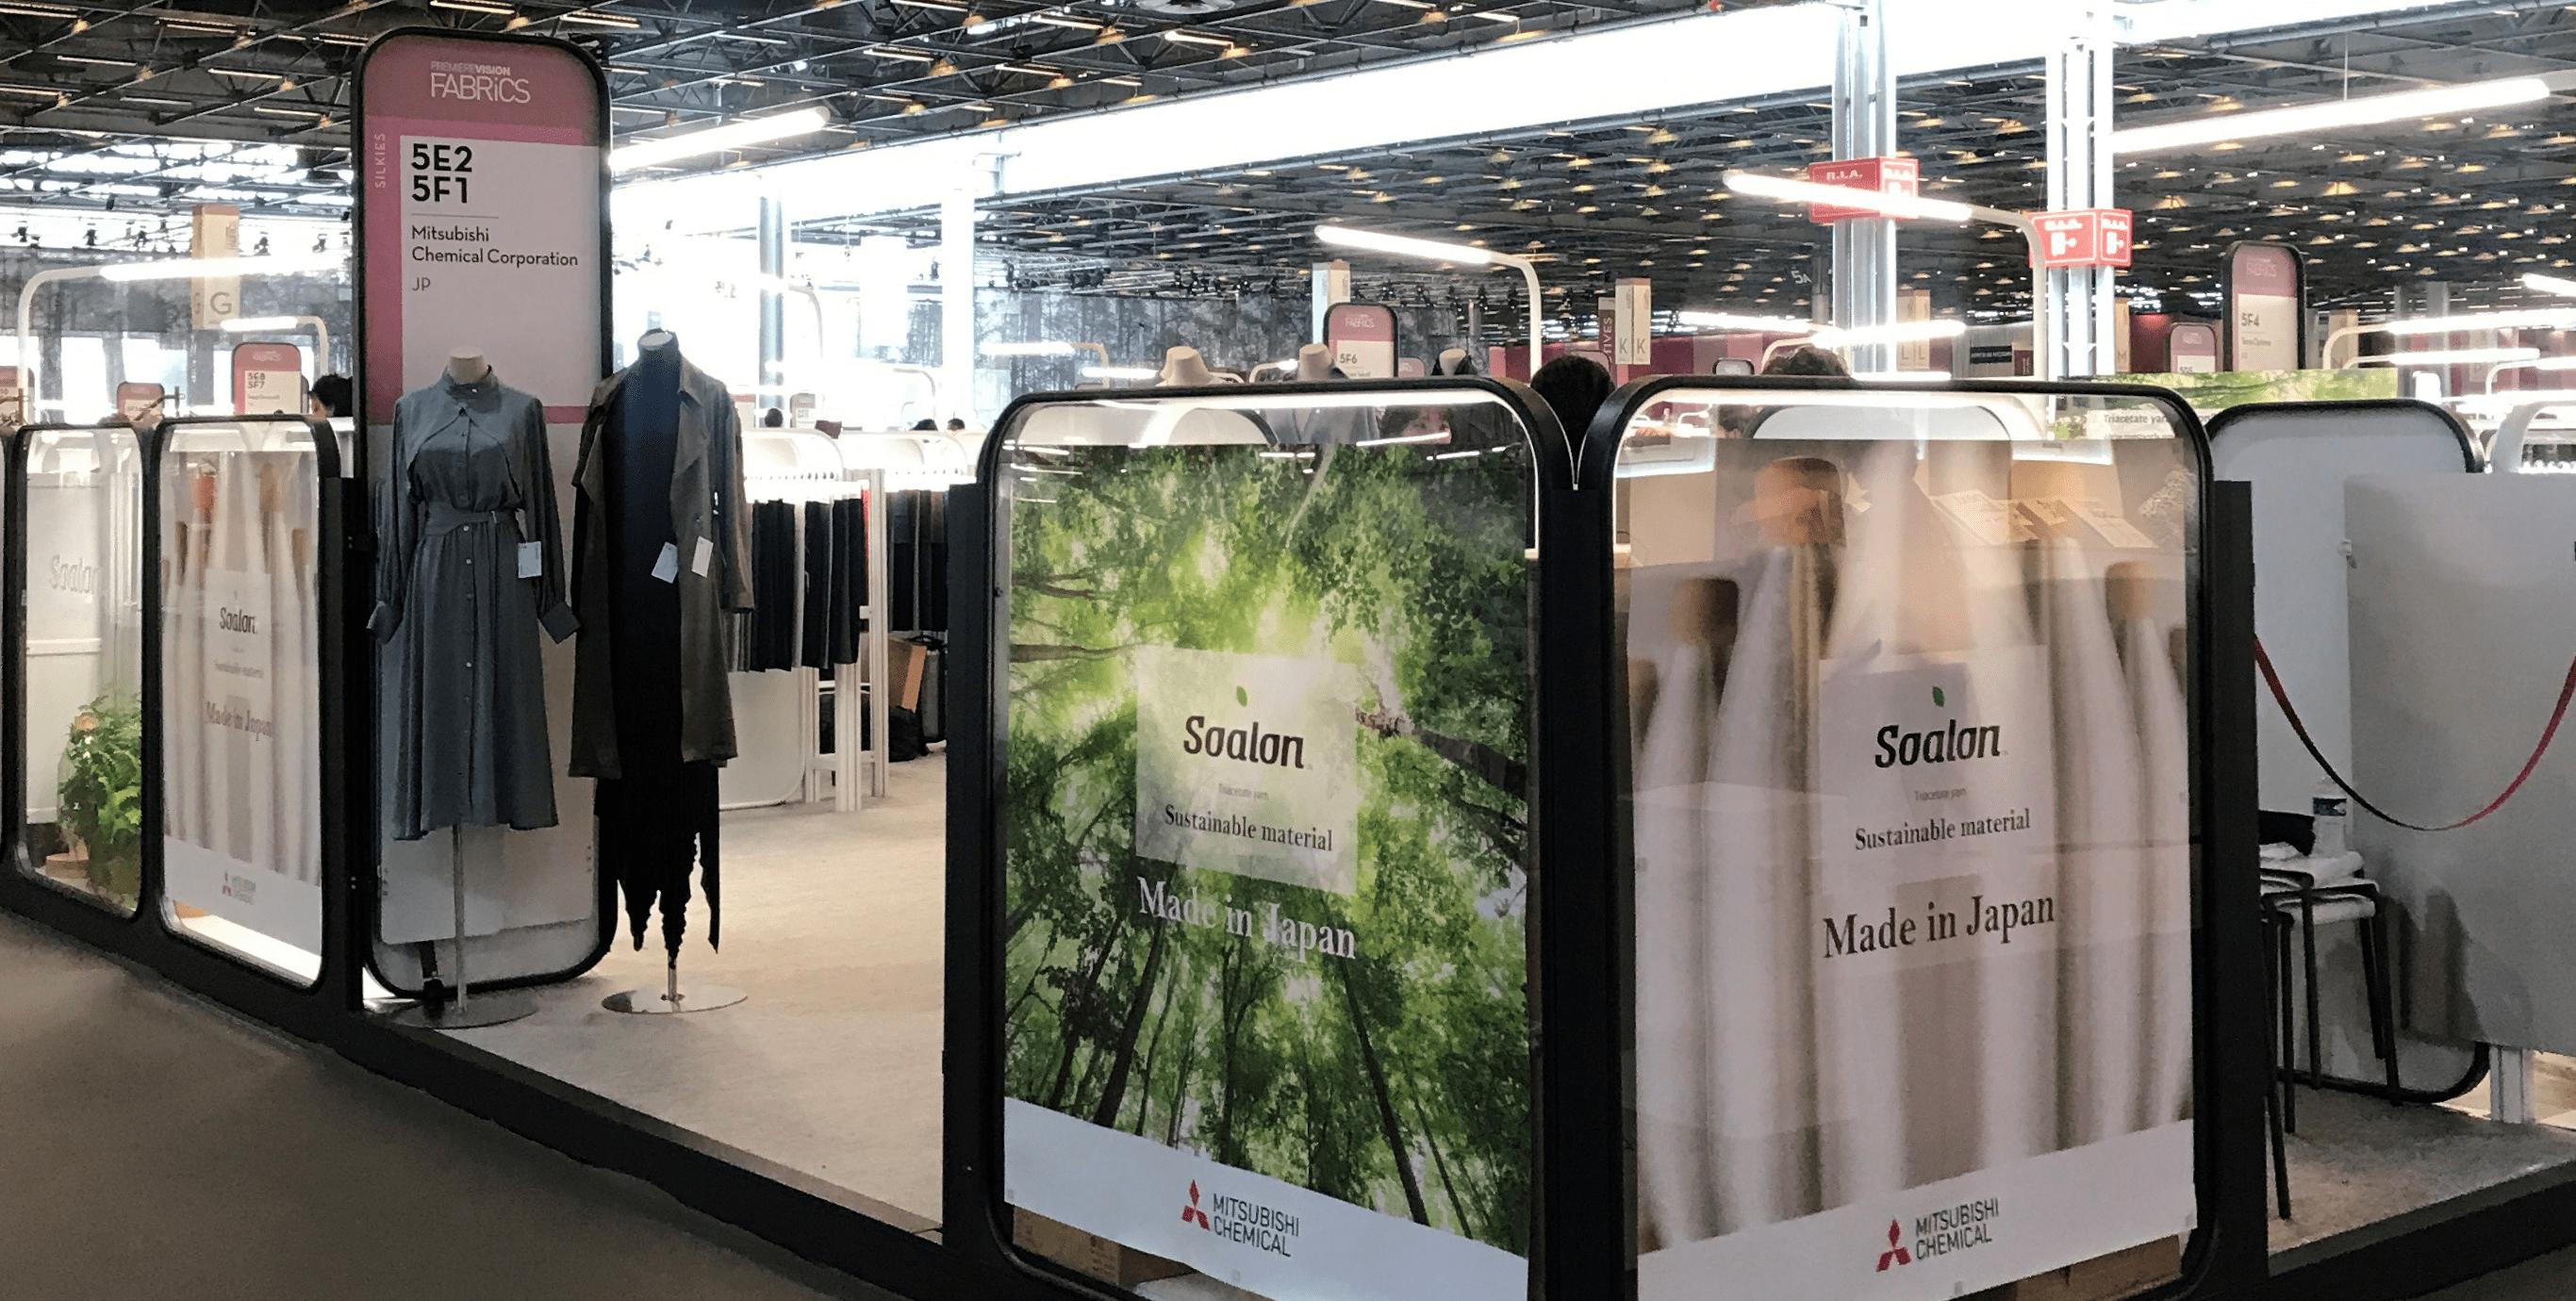 2020/21秋冬在法国巴黎PREMIERE VISION PARIS展出